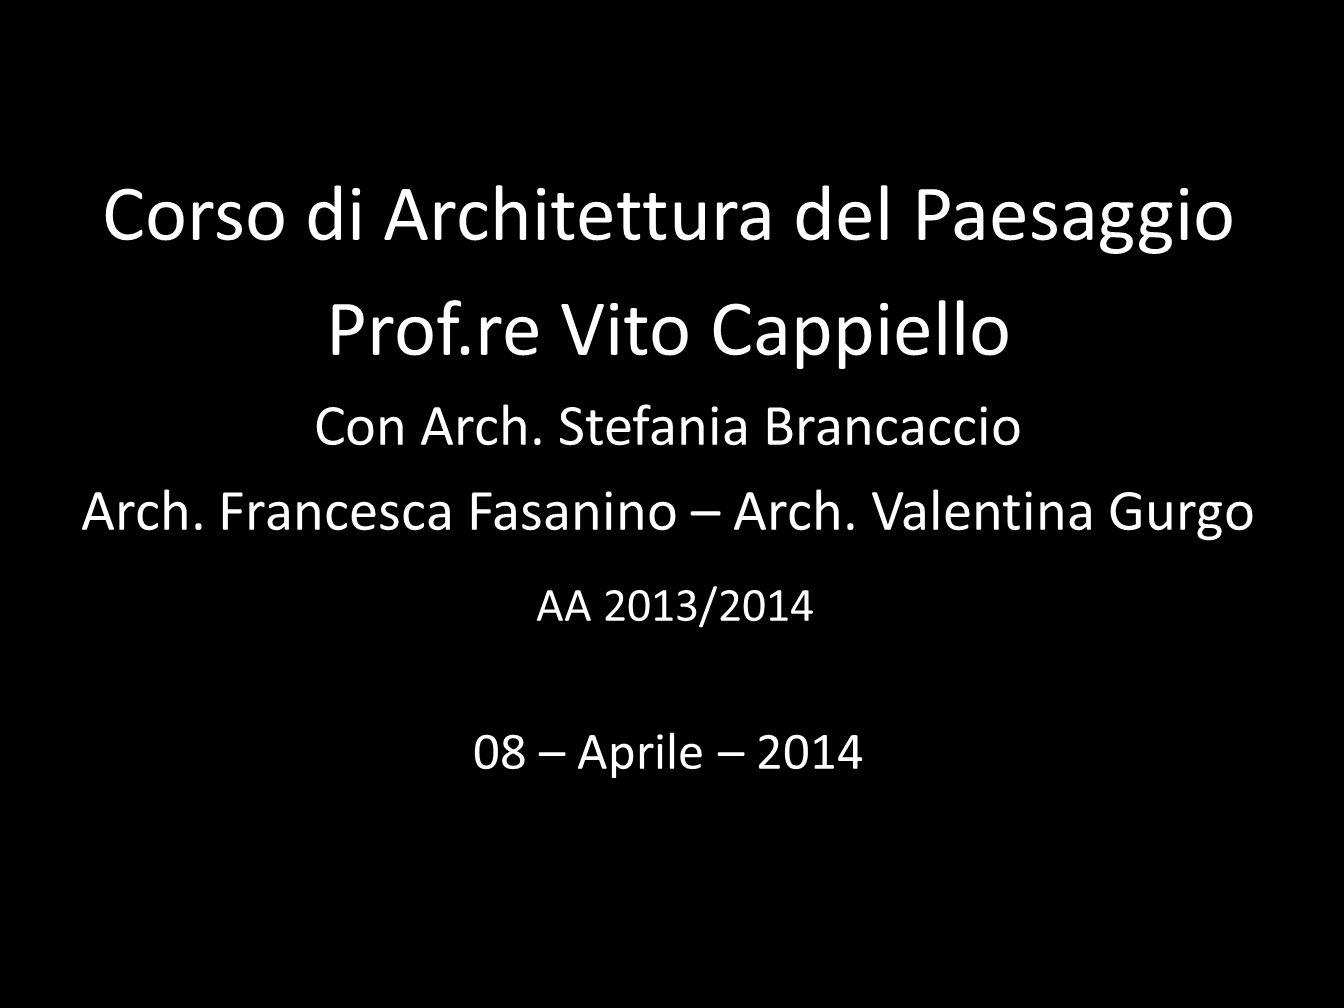 Corso di Architettura del Paesaggio Prof.re Vito Cappiello Con Arch. Stefania Brancaccio Arch. Francesca Fasanino – Arch. Valentina Gurgo AA 2013/2014